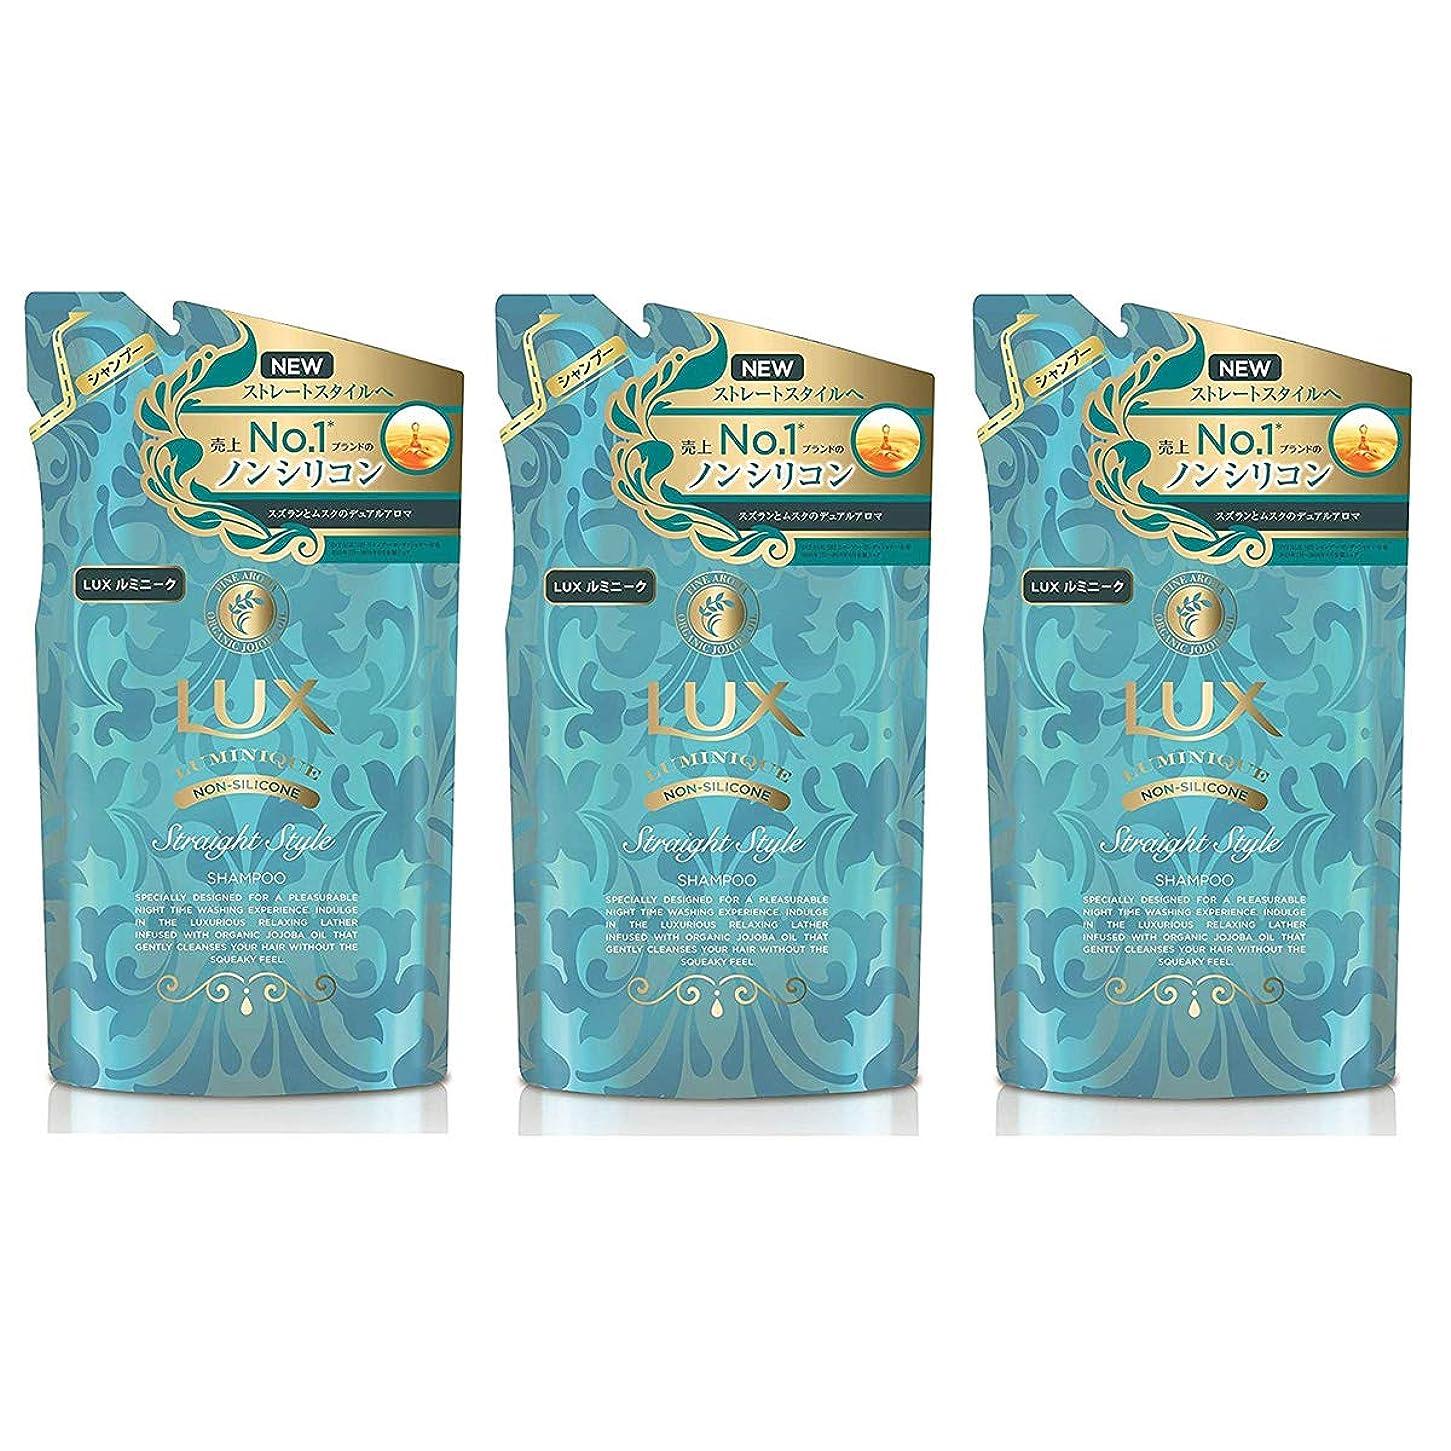 実行乳剤改修する【3個セット】ラックス ルミニーク ストレートスタイル ノンシリコン シャンプー つめかえ用 350g×3